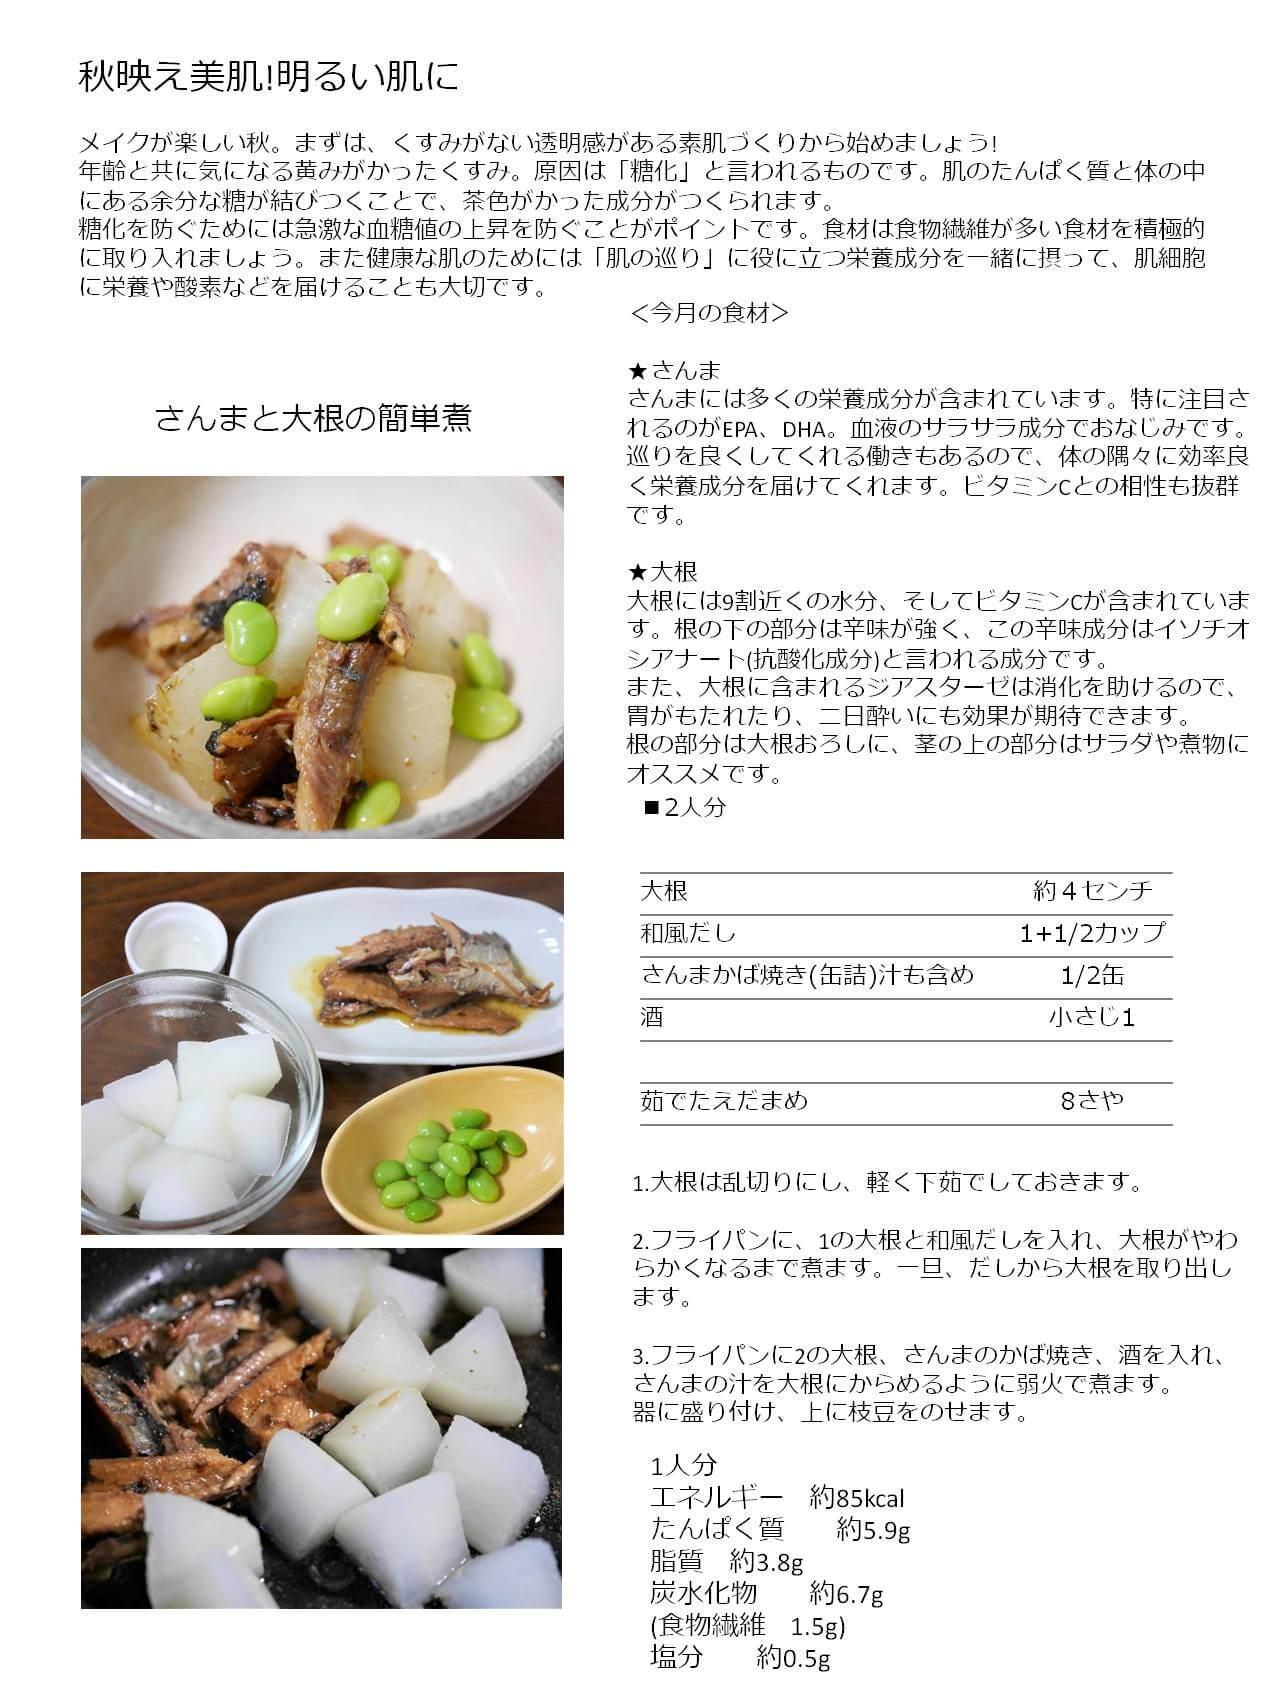 T's FOOD LABさん提供、さんまと大根の簡単煮